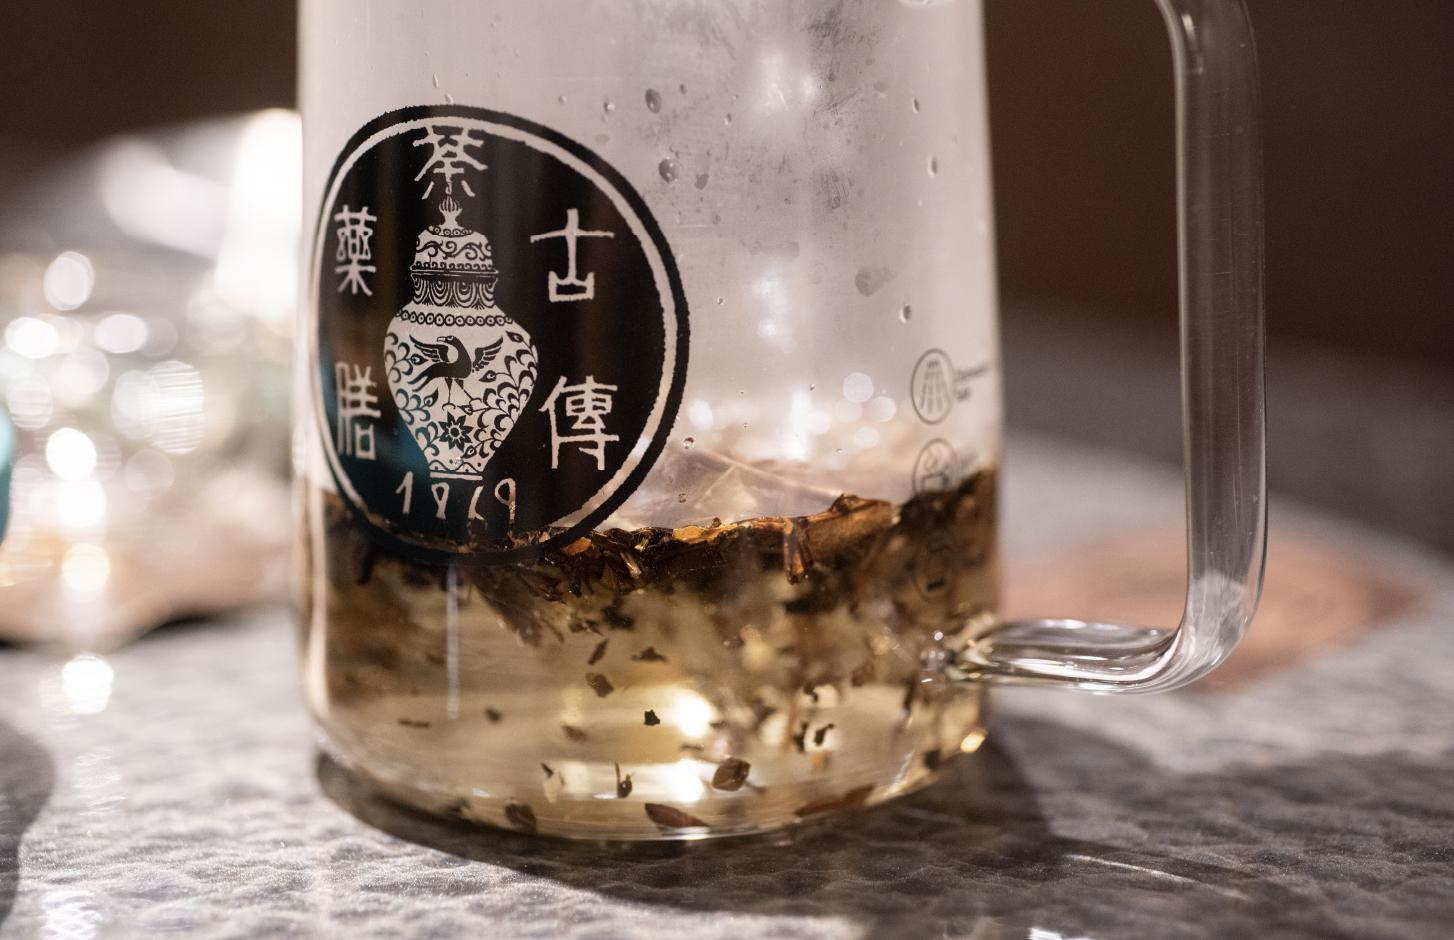 苦いより「美味しい」方がいい、ゆるやかに体質改善ができる健康茶、効能別に毎日飲めるお茶。